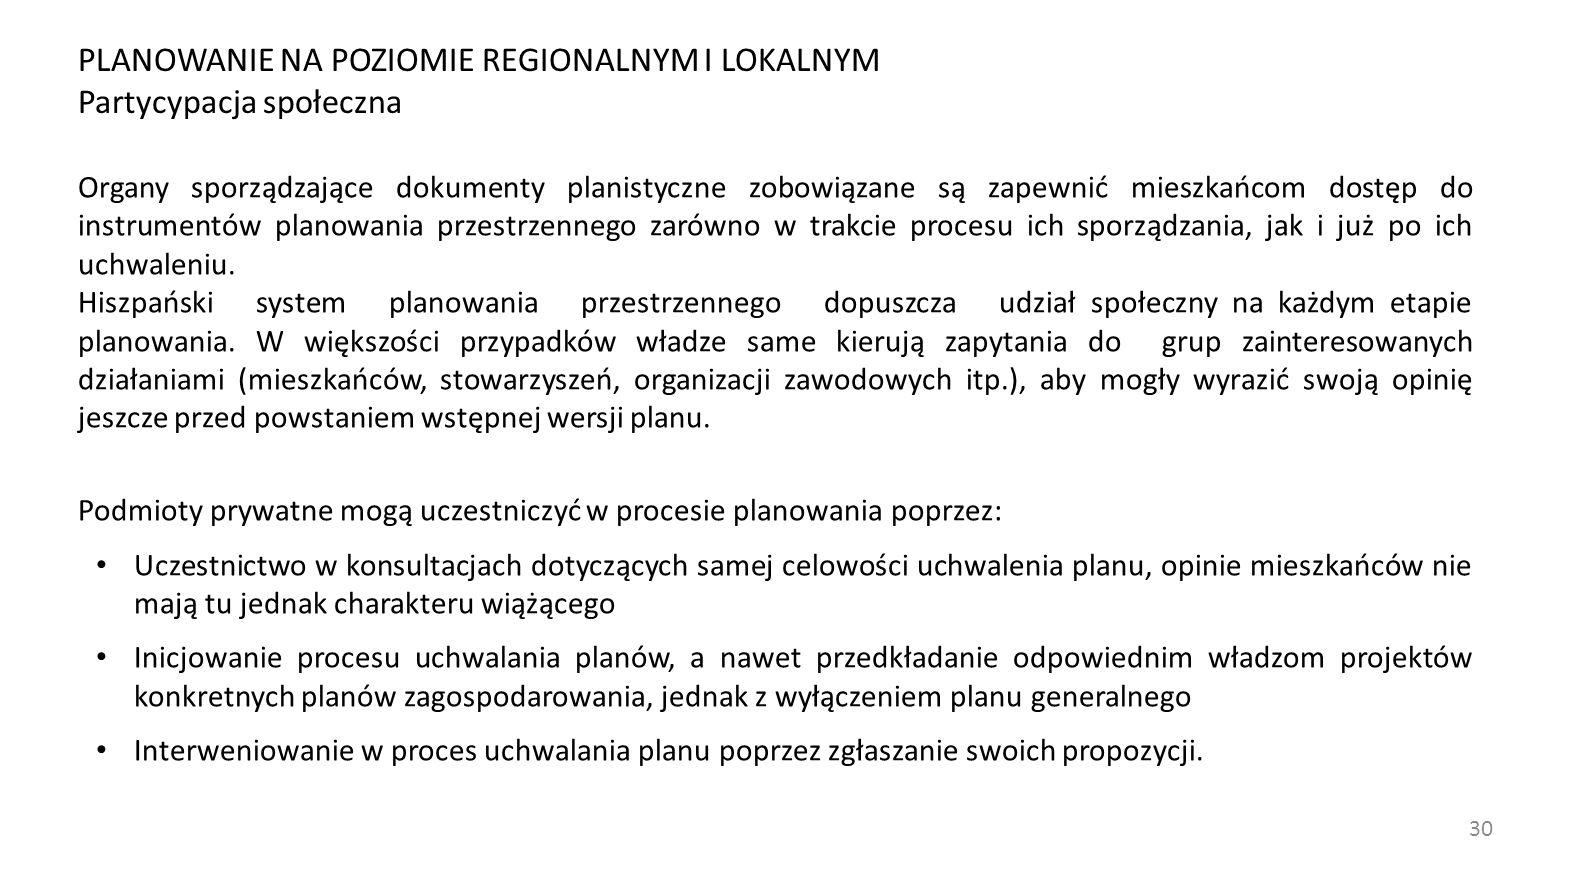 30 PLANOWANIE NA POZIOMIE REGIONALNYM I LOKALNYM Partycypacja społeczna Organy sporządzające dokumenty planistyczne zobowiązane są zapewnić mieszkańcom dostęp do instrumentów planowania przestrzennego zarówno w trakcie procesu ich sporządzania, jak i już po ich uchwaleniu.